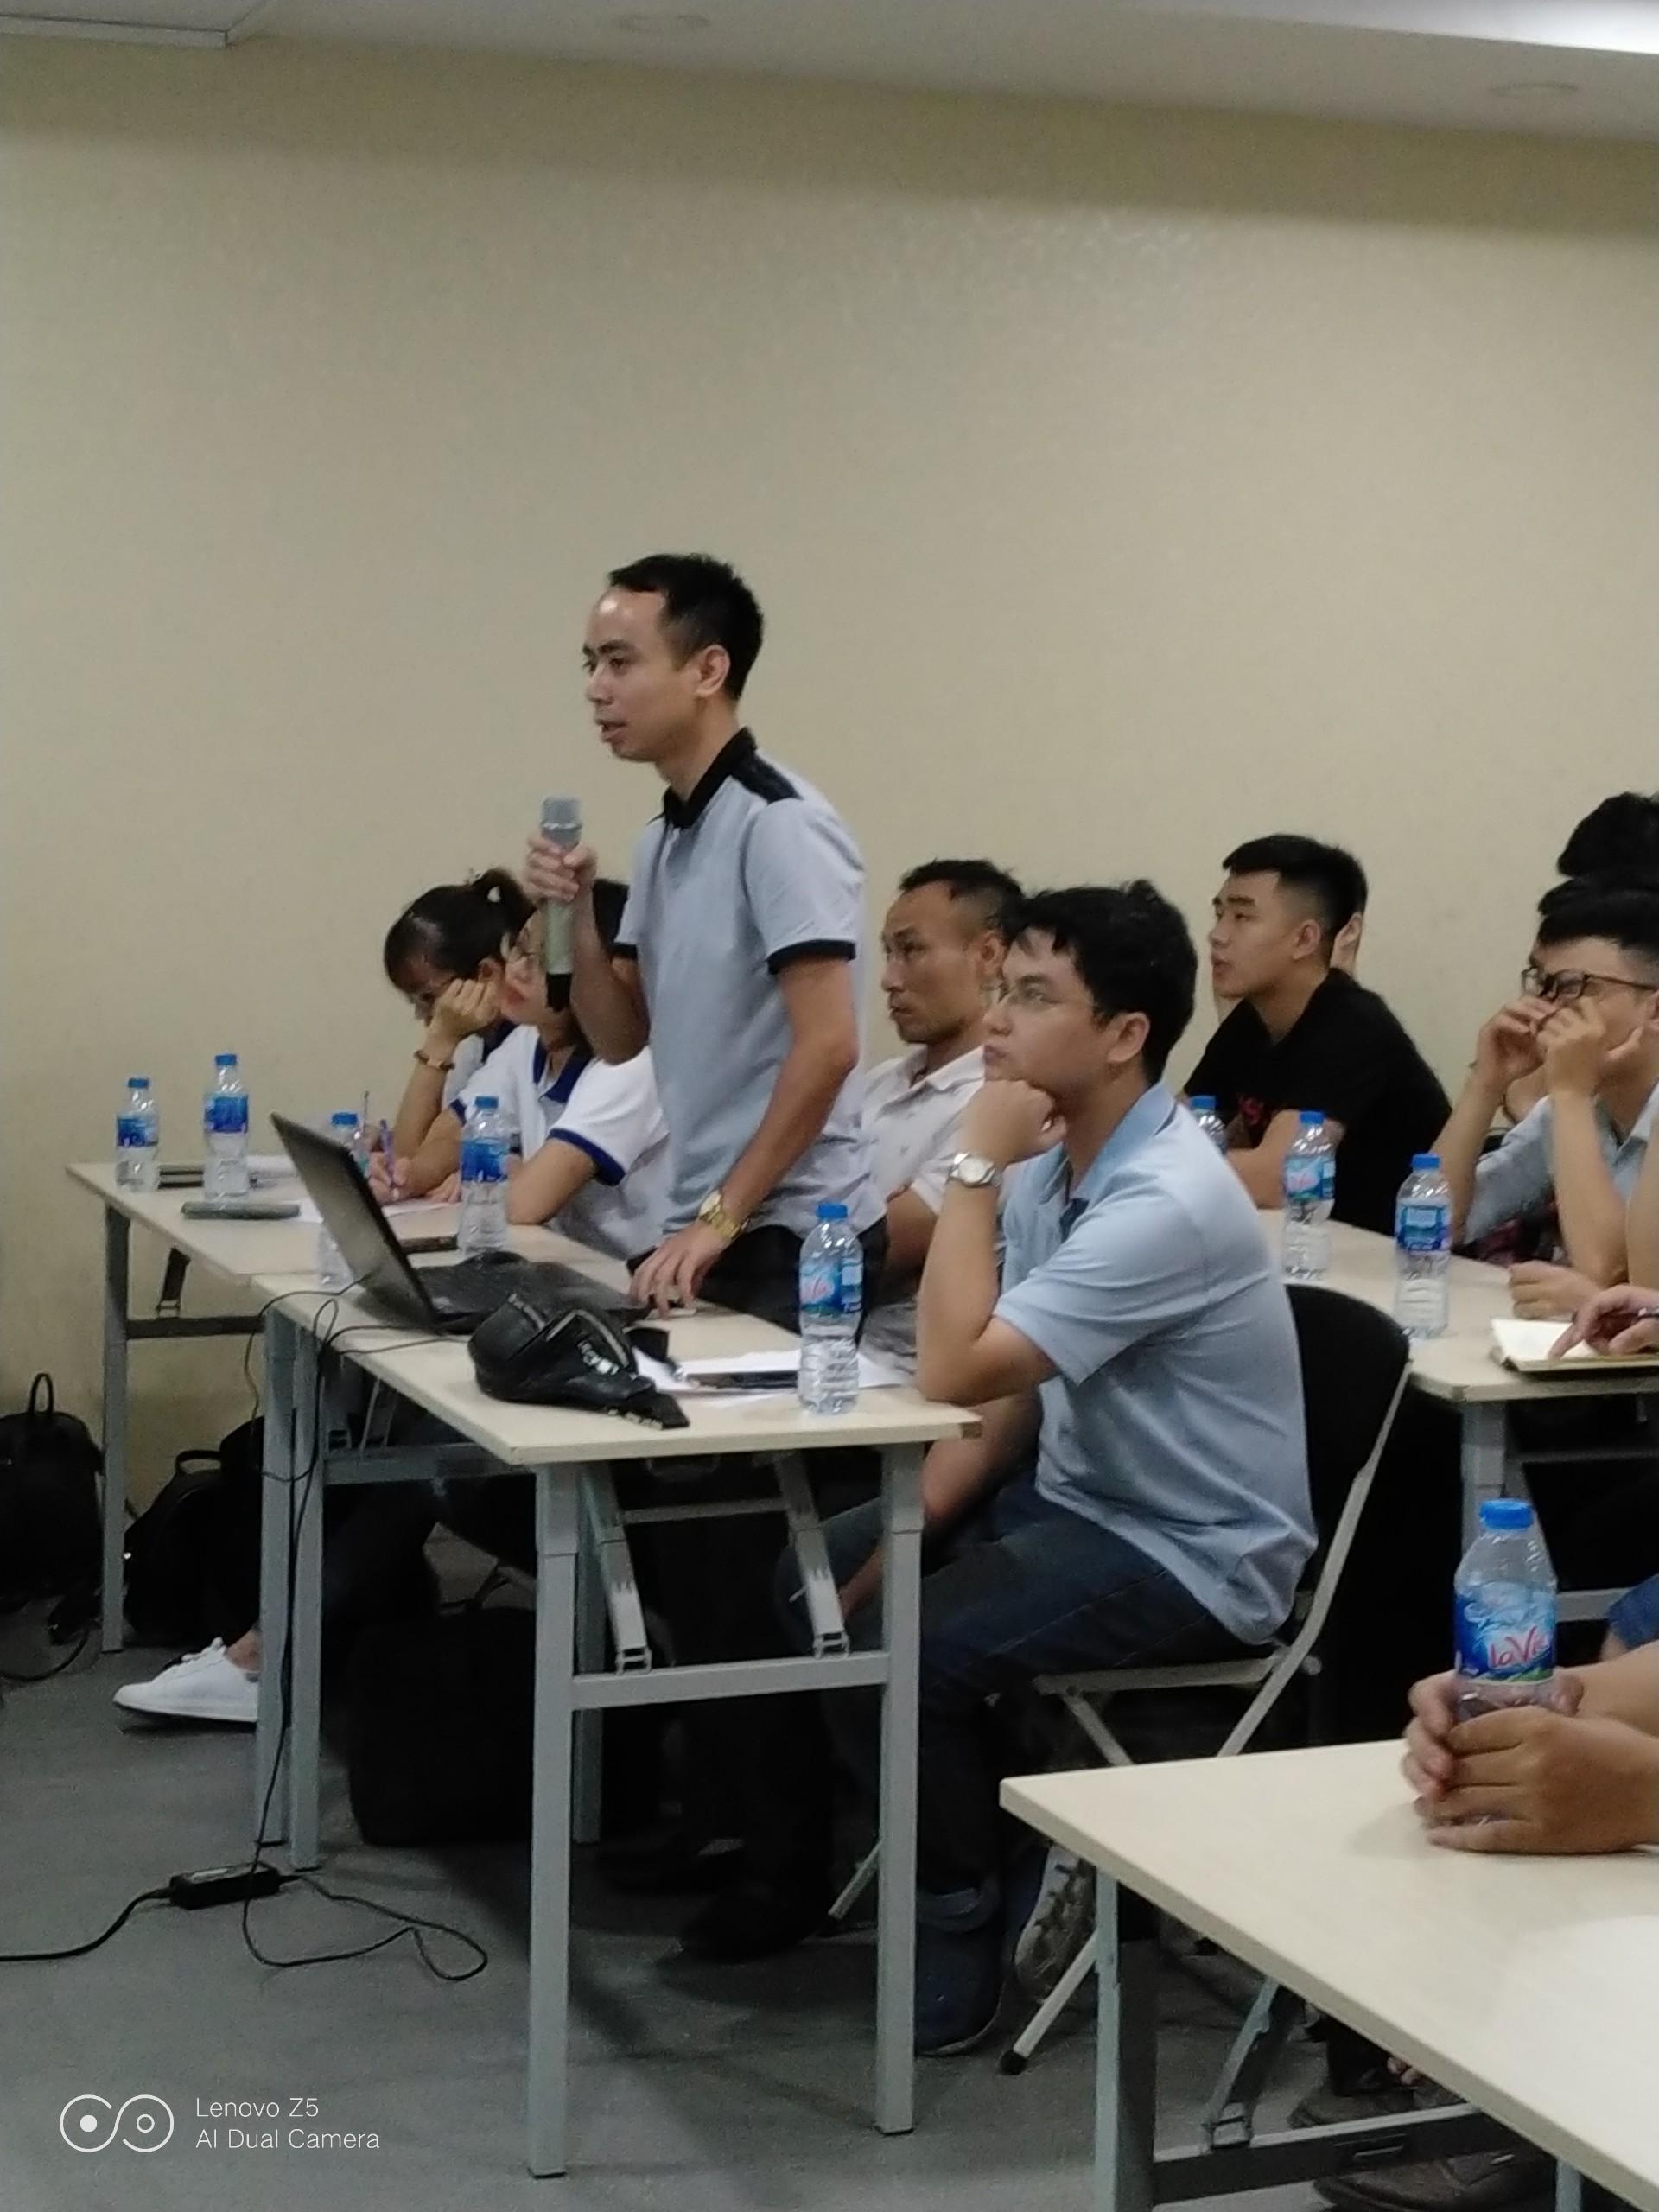 dao tao ninja system8 Tổng kết offline đào tạo Ninja System   phần mềm nuôi nick điện thoại số 1 Việt Nam